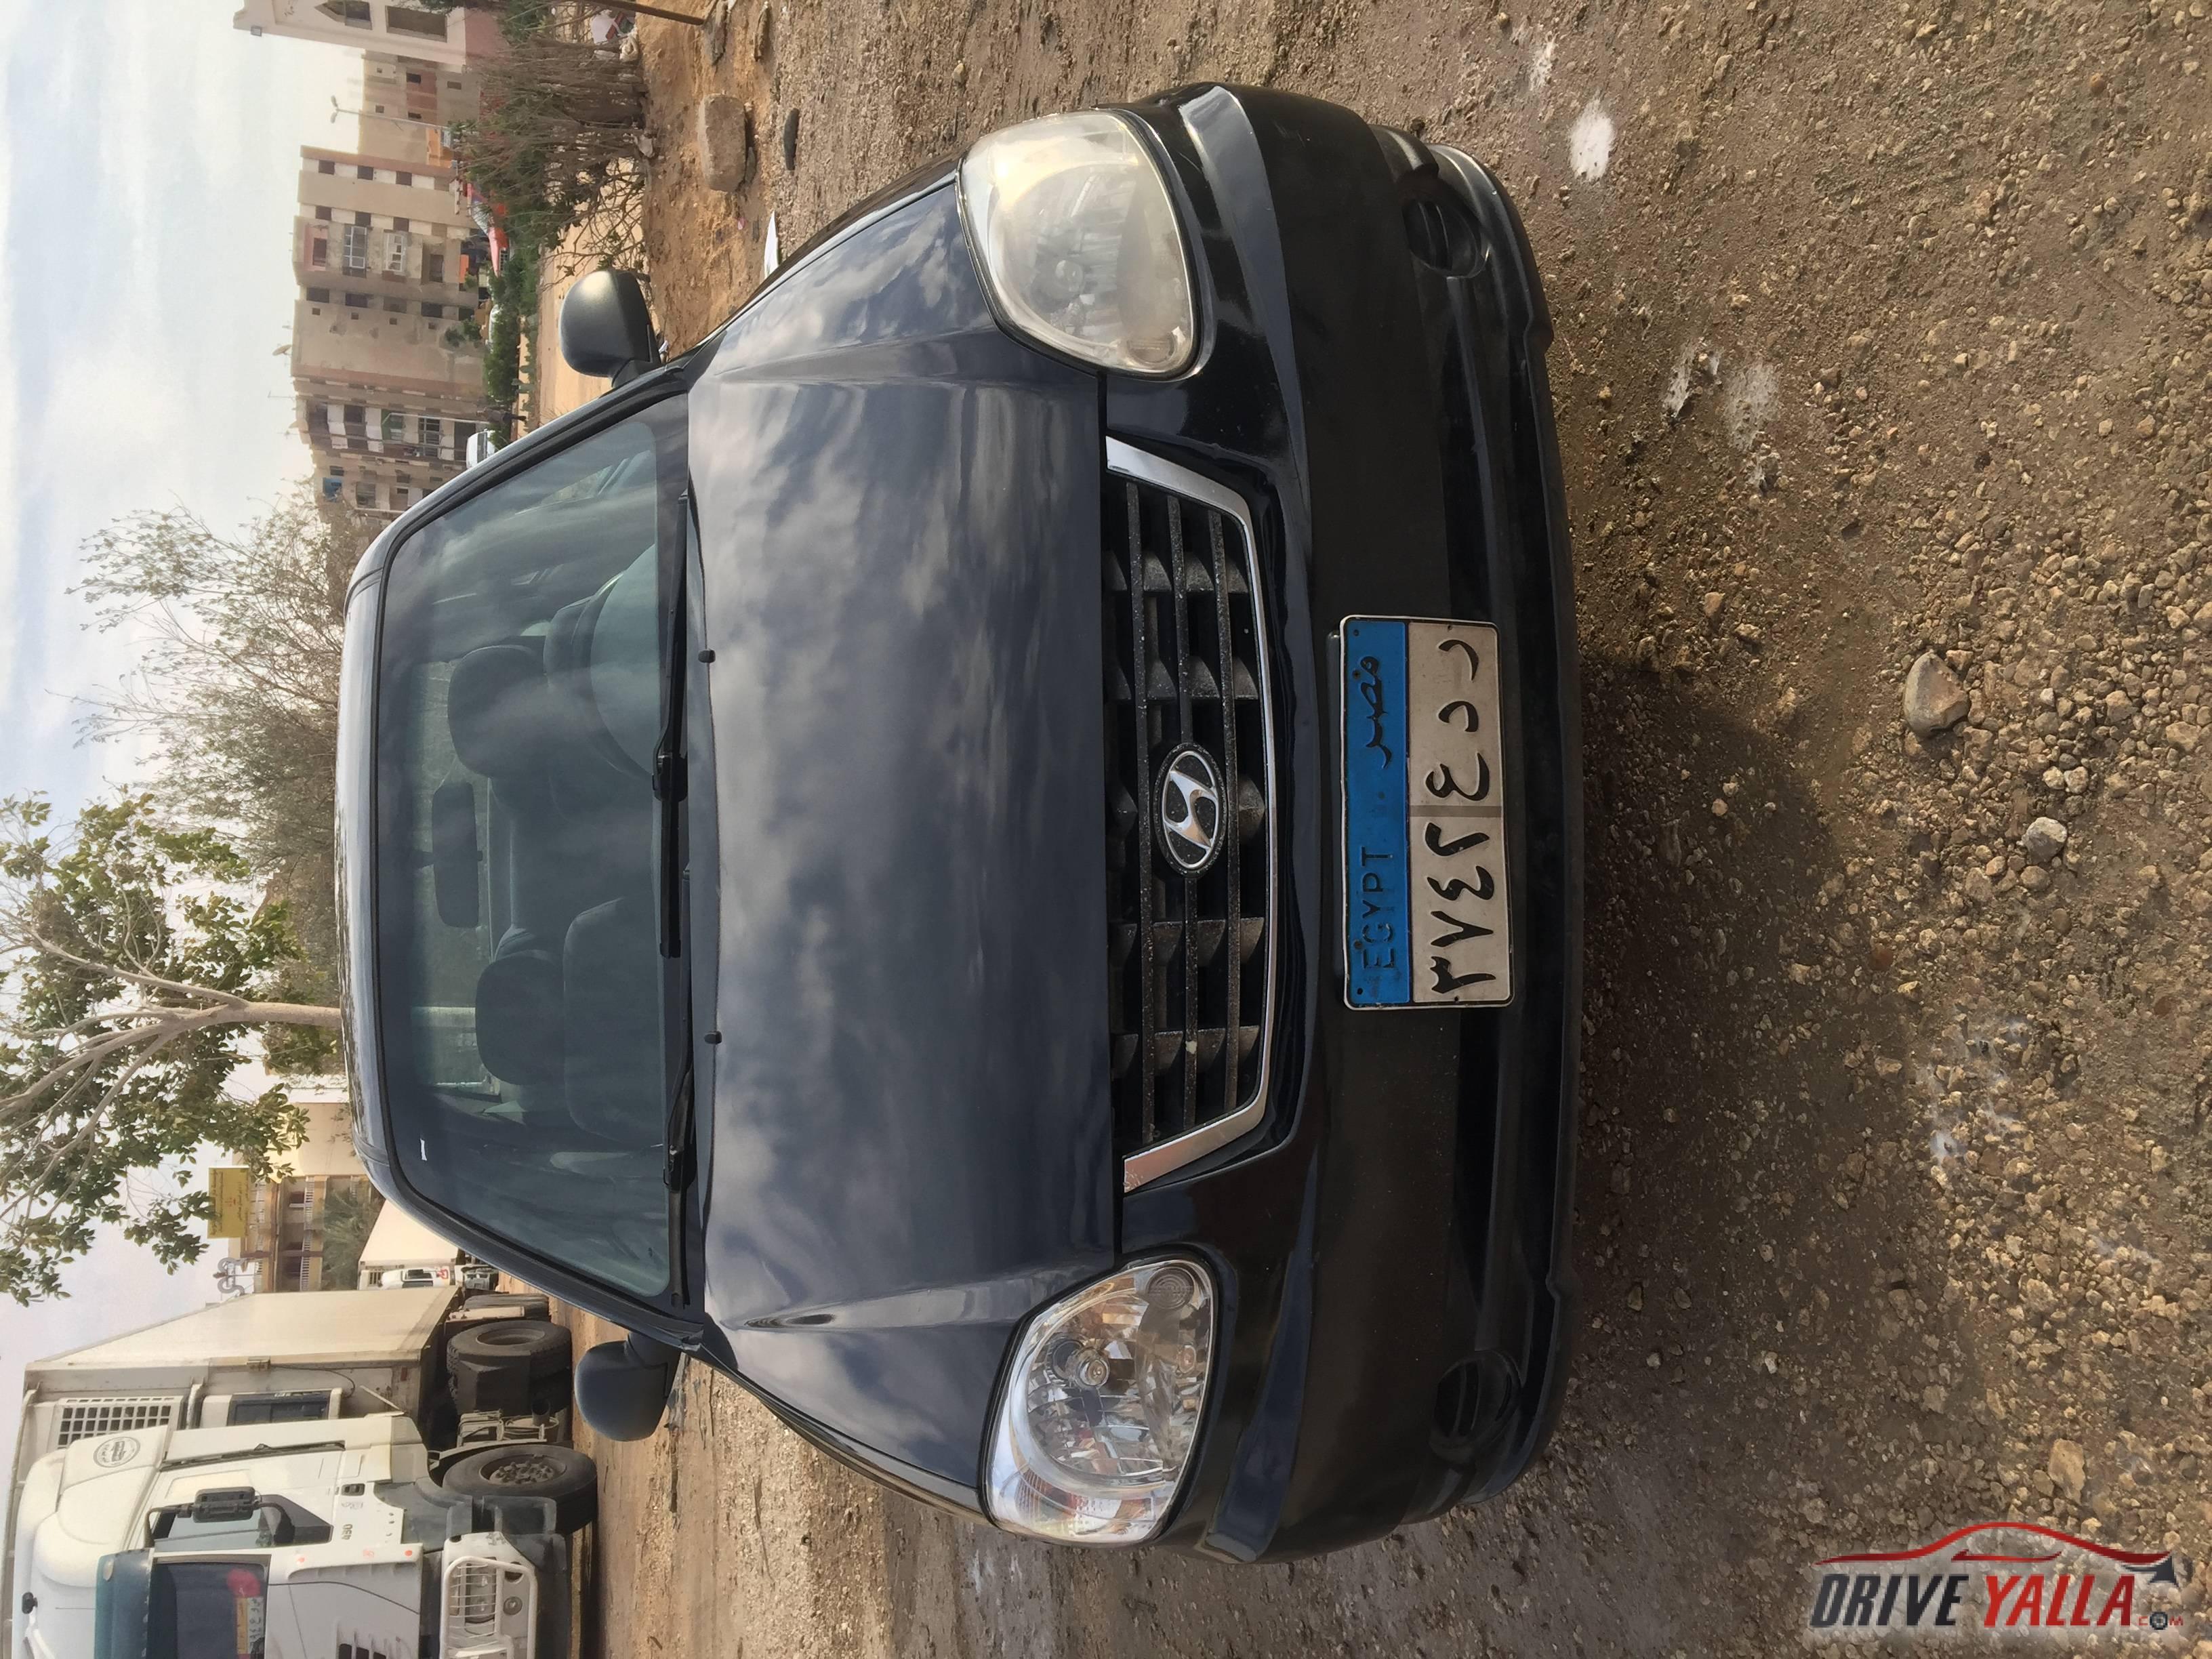 هيواندى فيرنا  مستعملة للبيع فى مصر ٢٠١٣